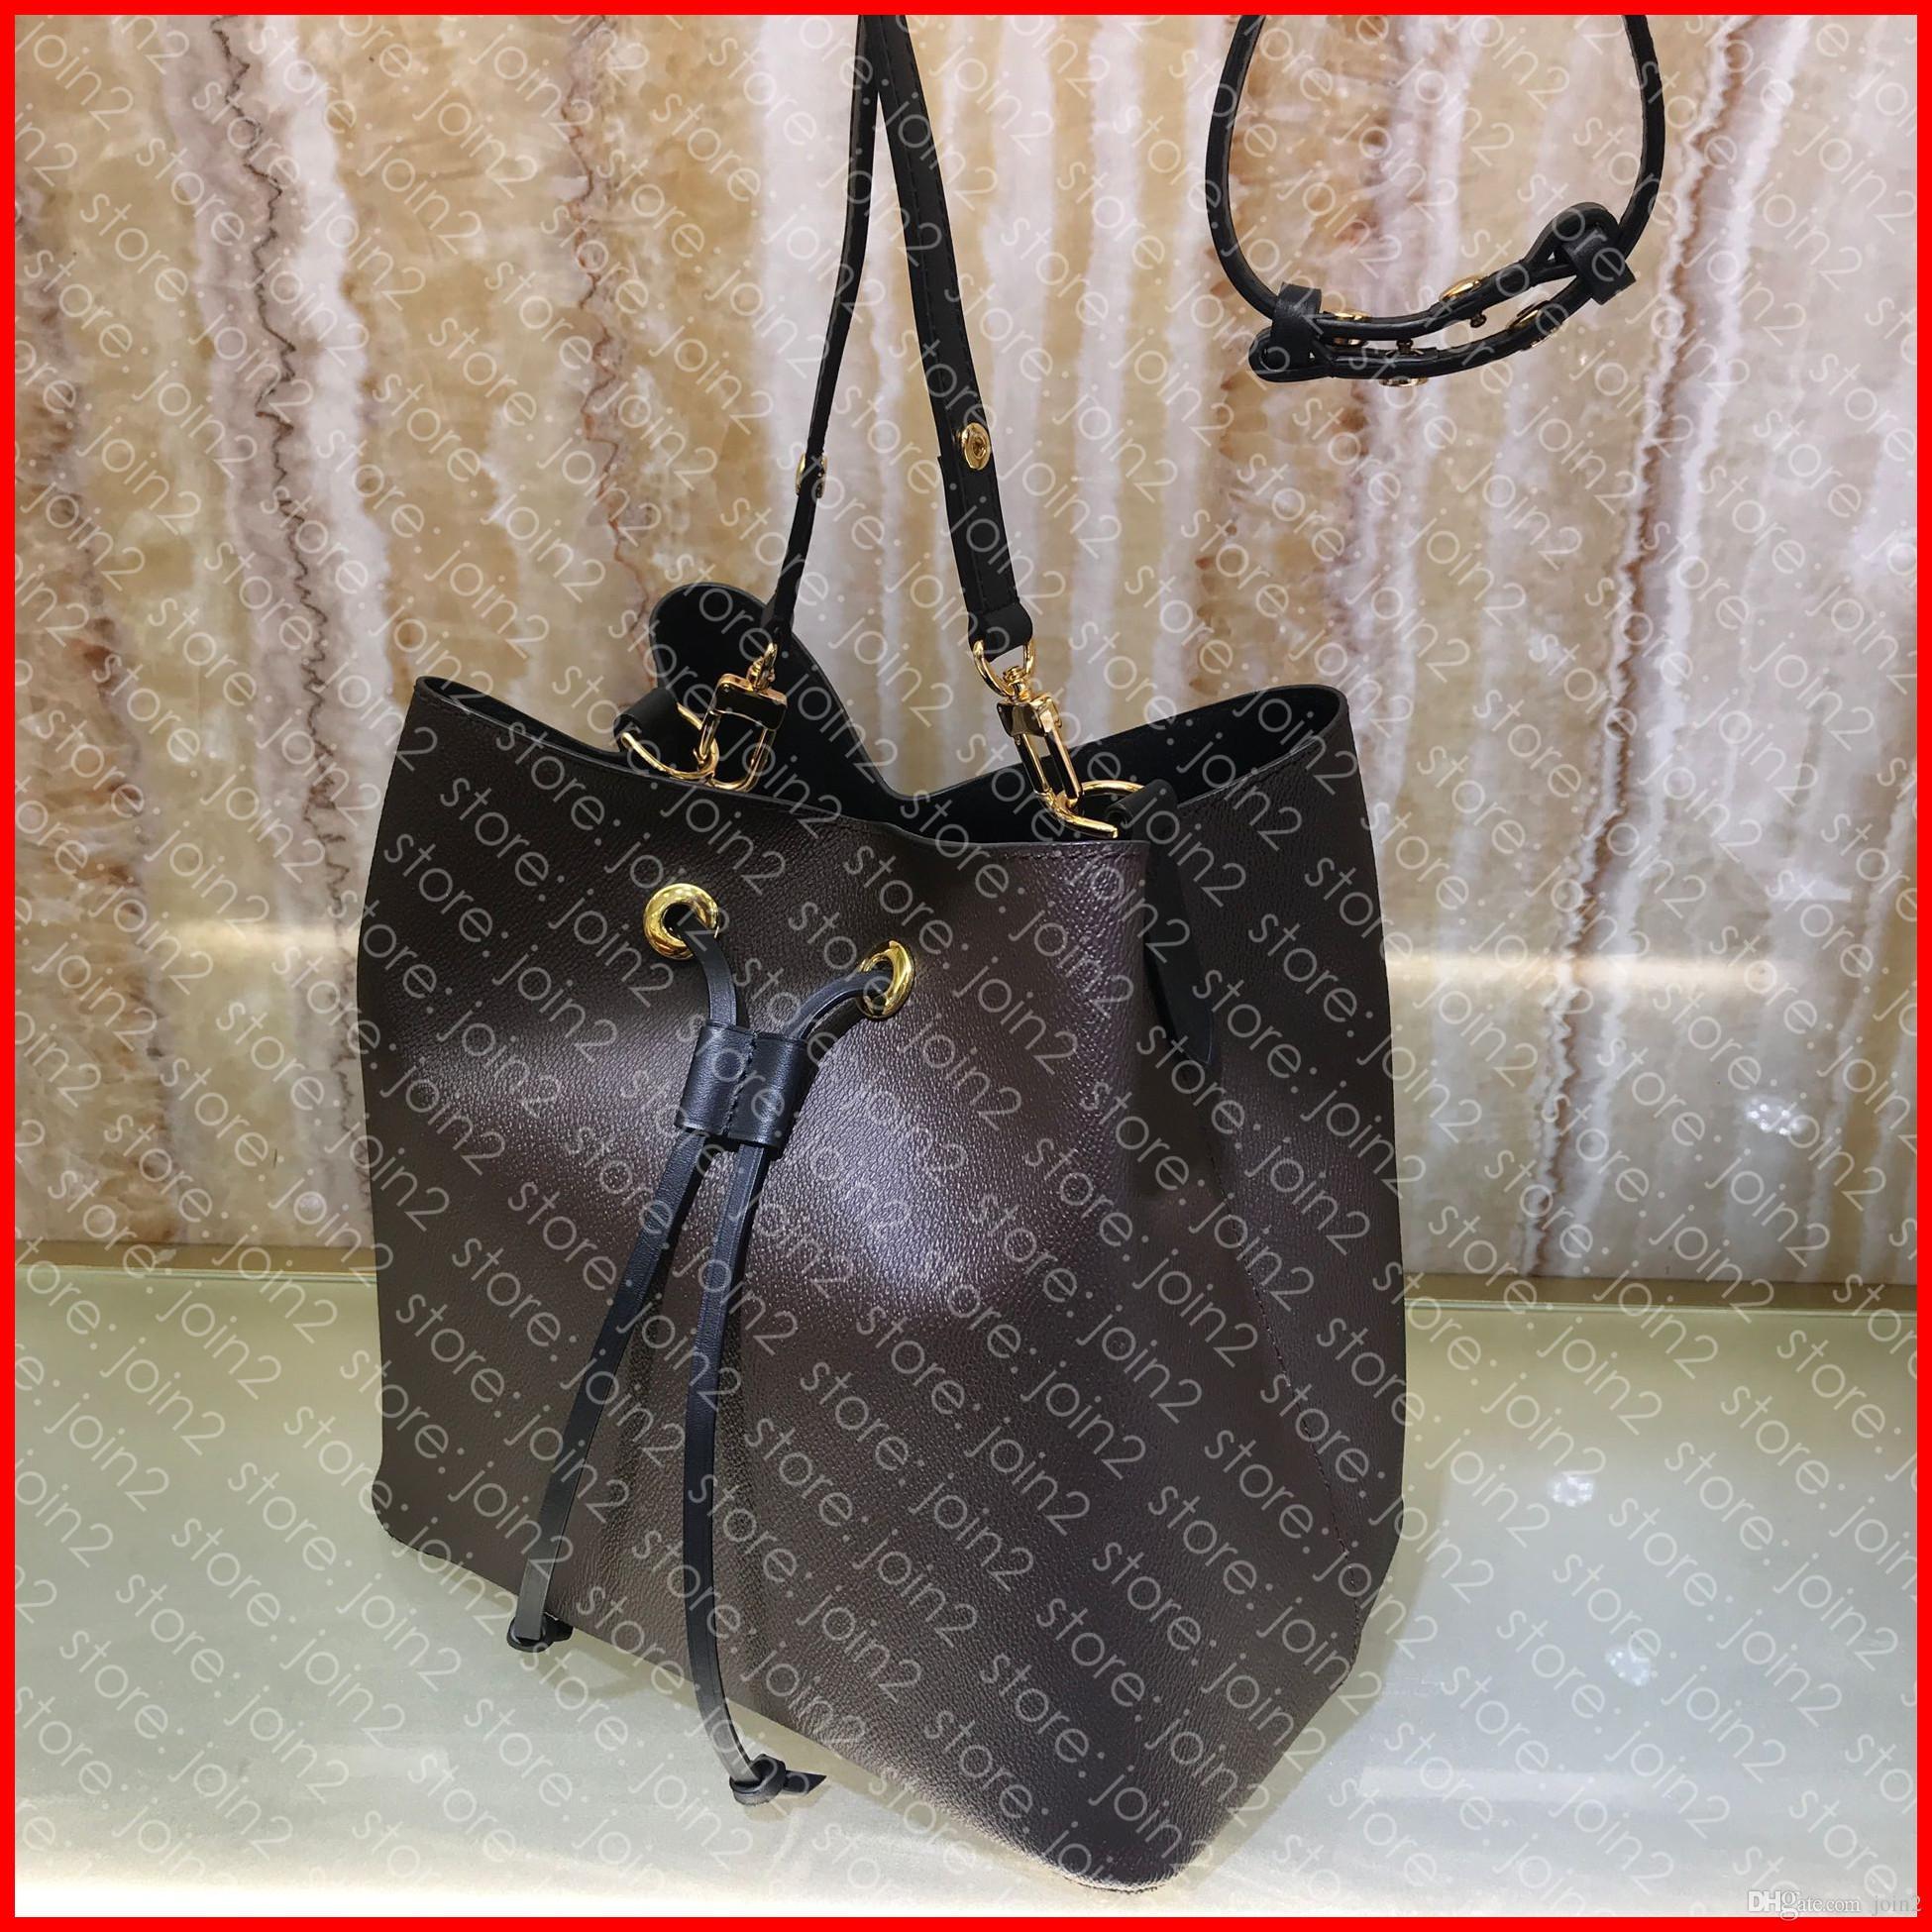 Pochette M44020 NEONOE MM diseñador para mujer del cubo del lazo Cruz cuerpo hombro del bolso de lujo accesorios bolsa Cle NEONOE PETIT NOÉ BB